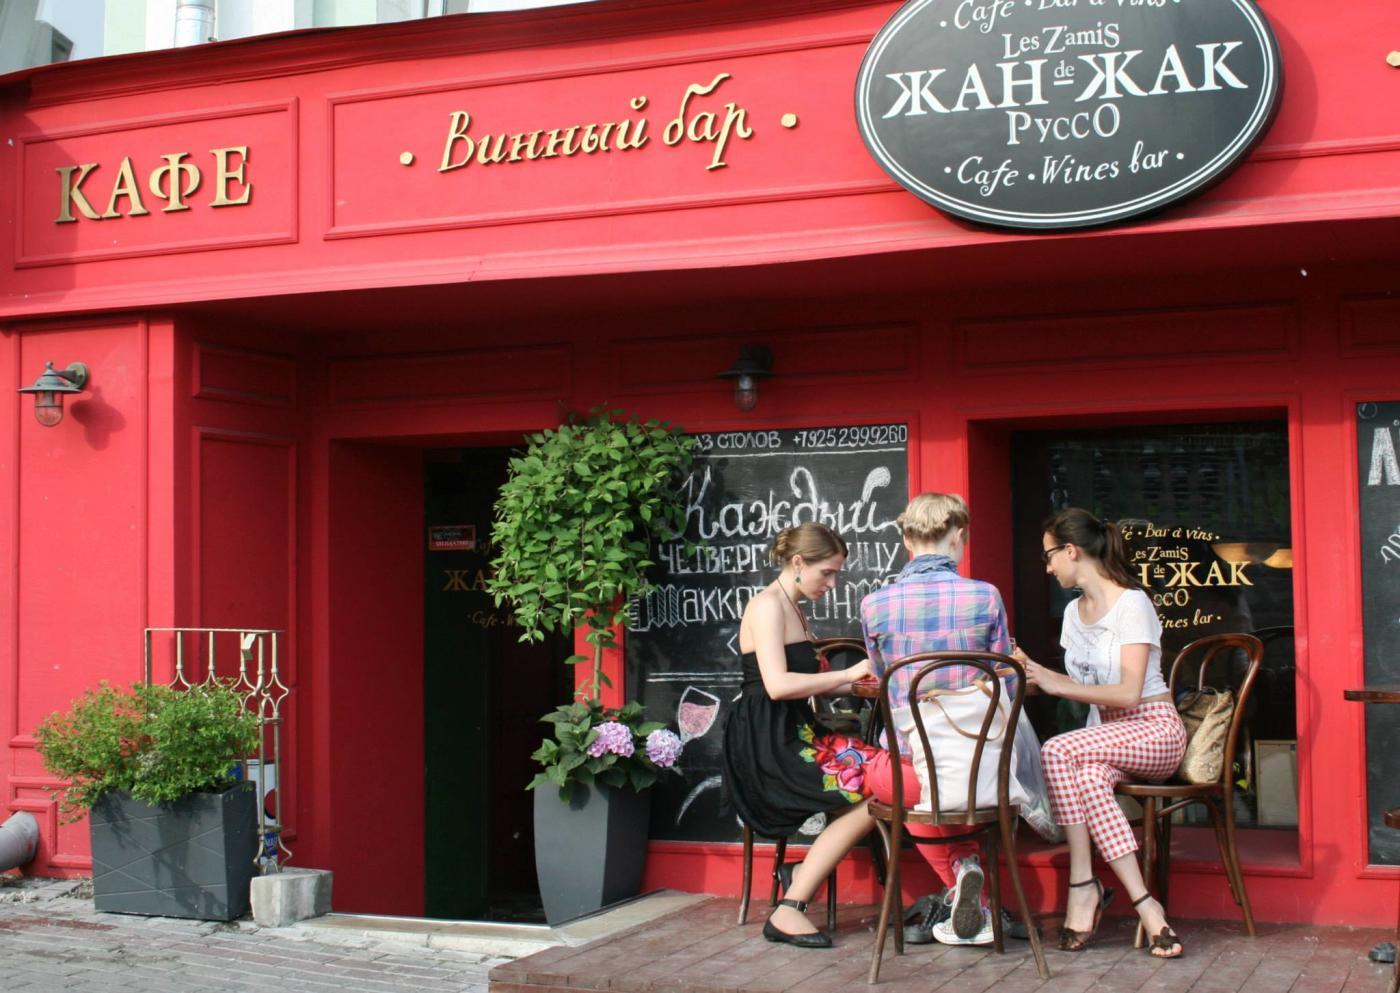 Французское Кафе Жан-Жак на Китай-городе (Лубянский проезд) фото 8